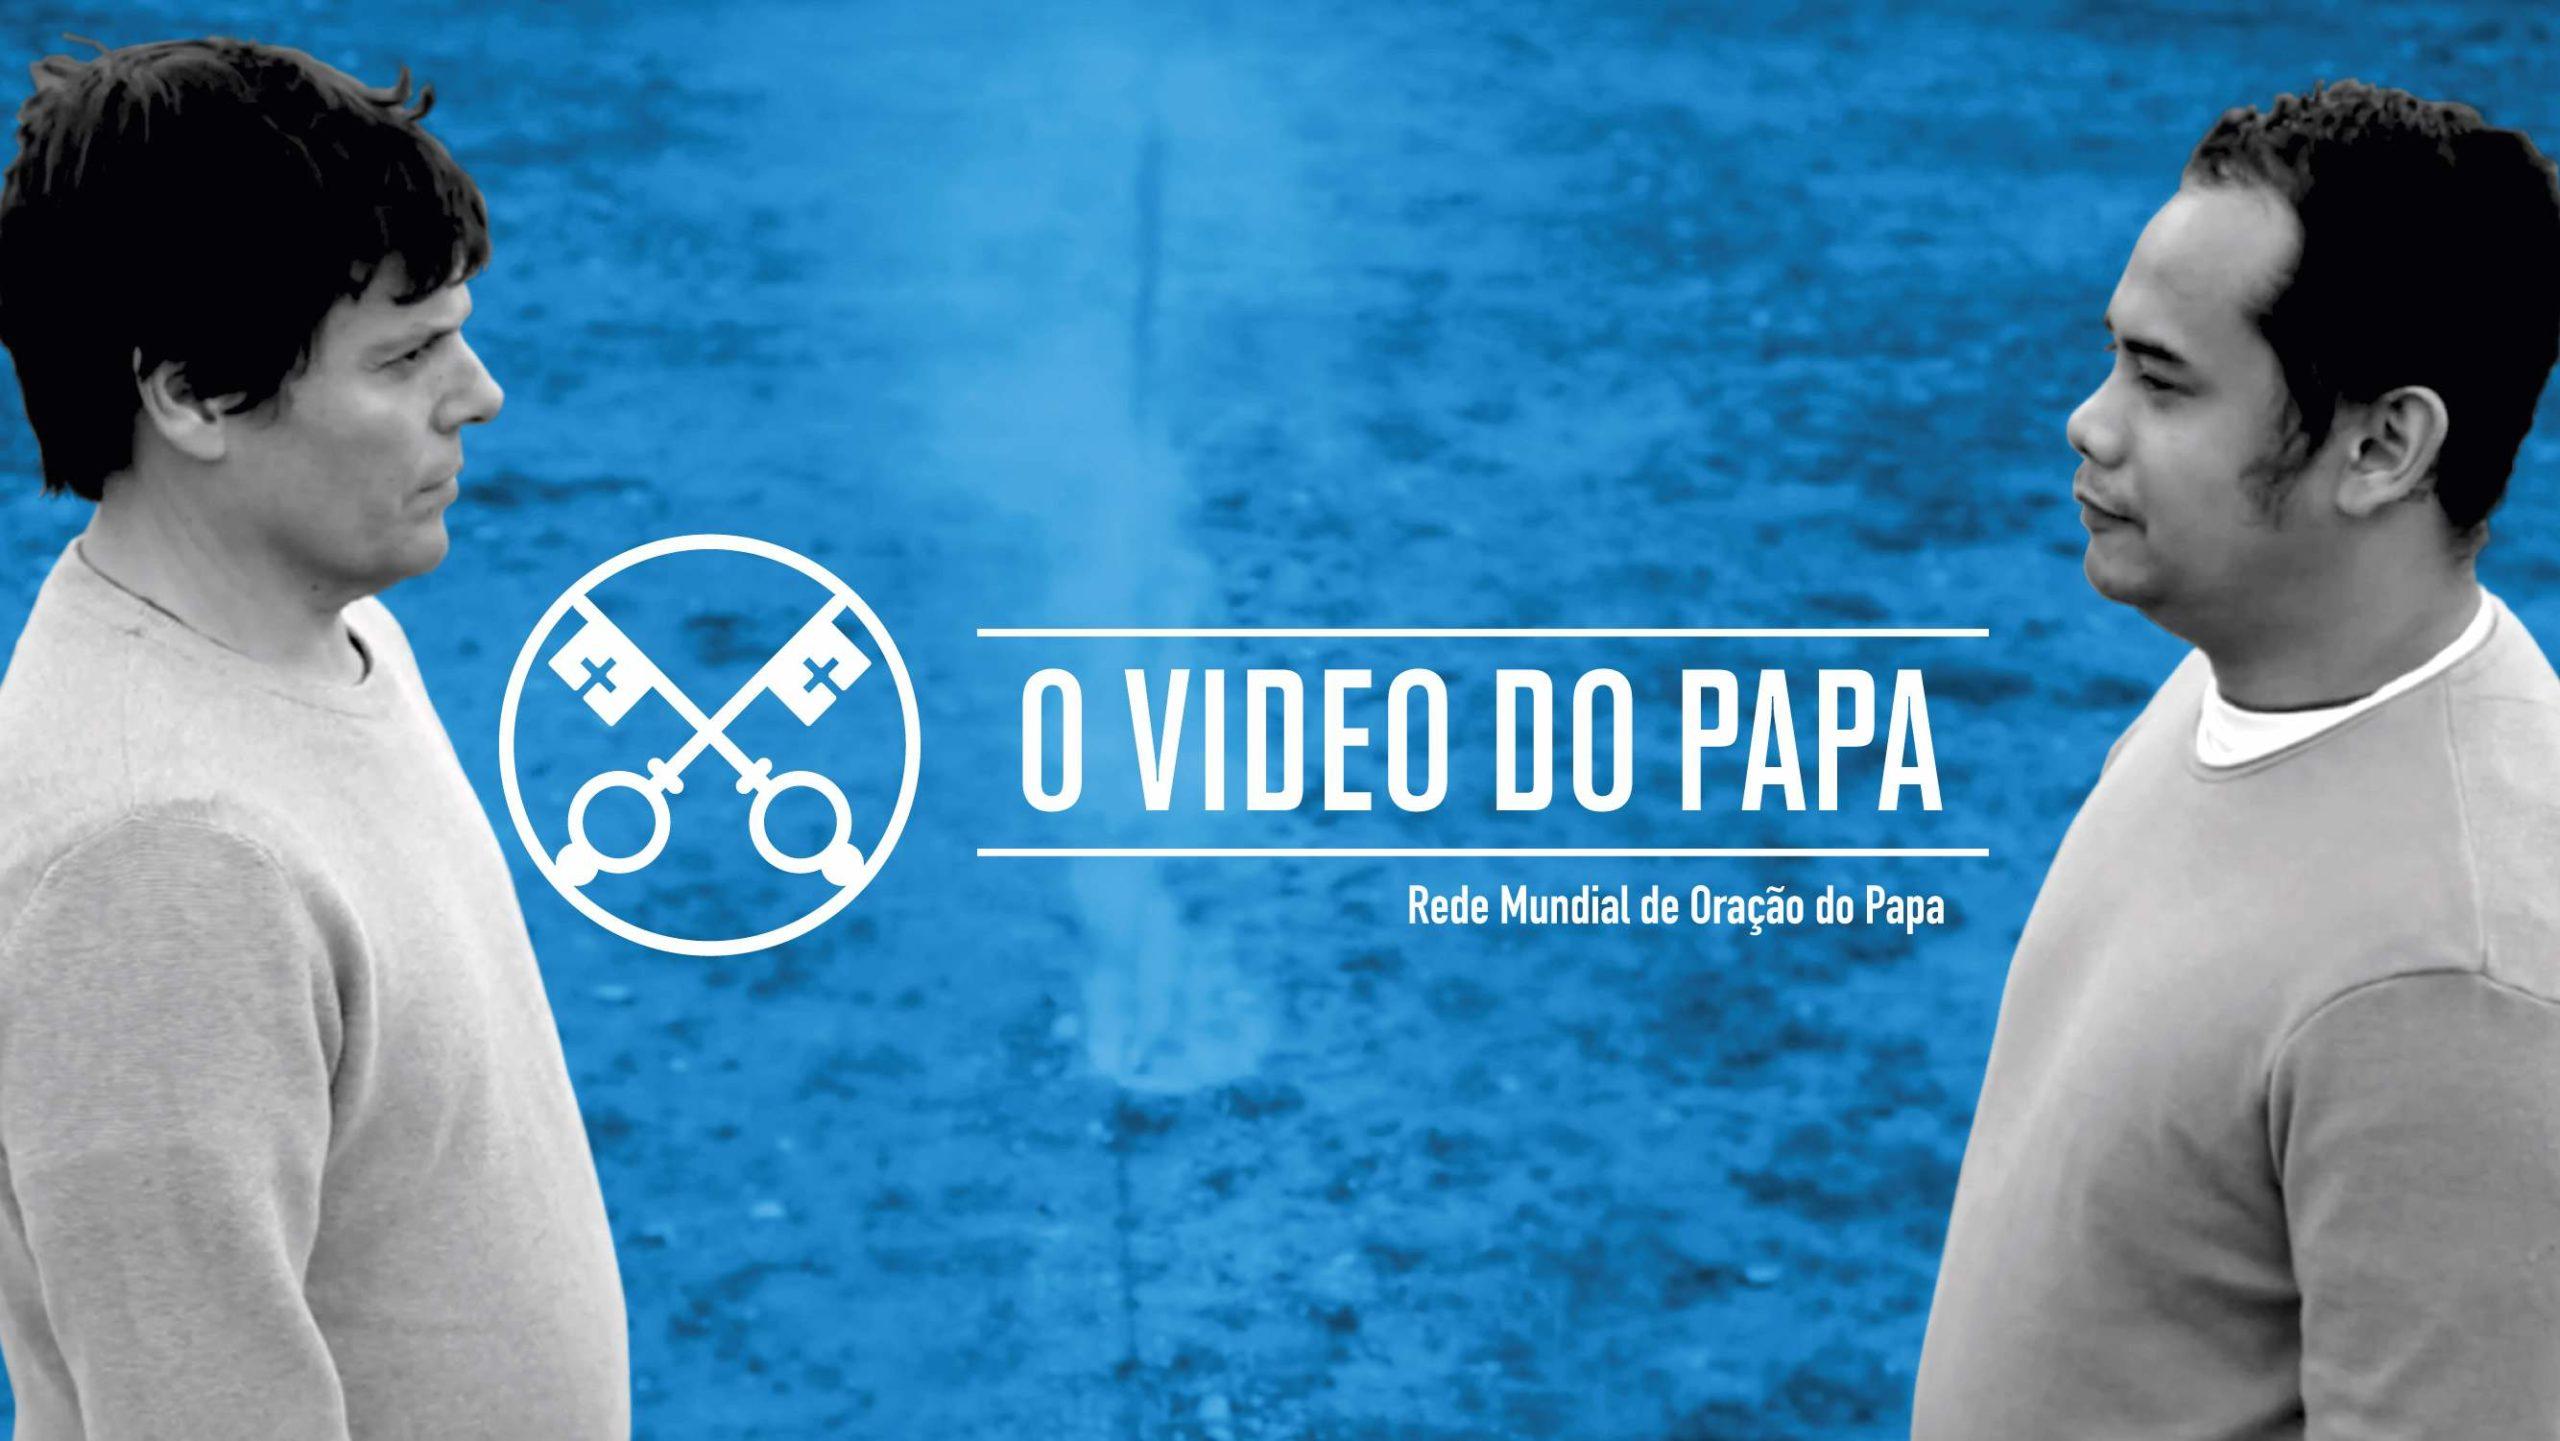 Official-Image-TPV-1-2020-PT-O-Video-do-Papa-Promoção-da-paz-no-mundo-scaled